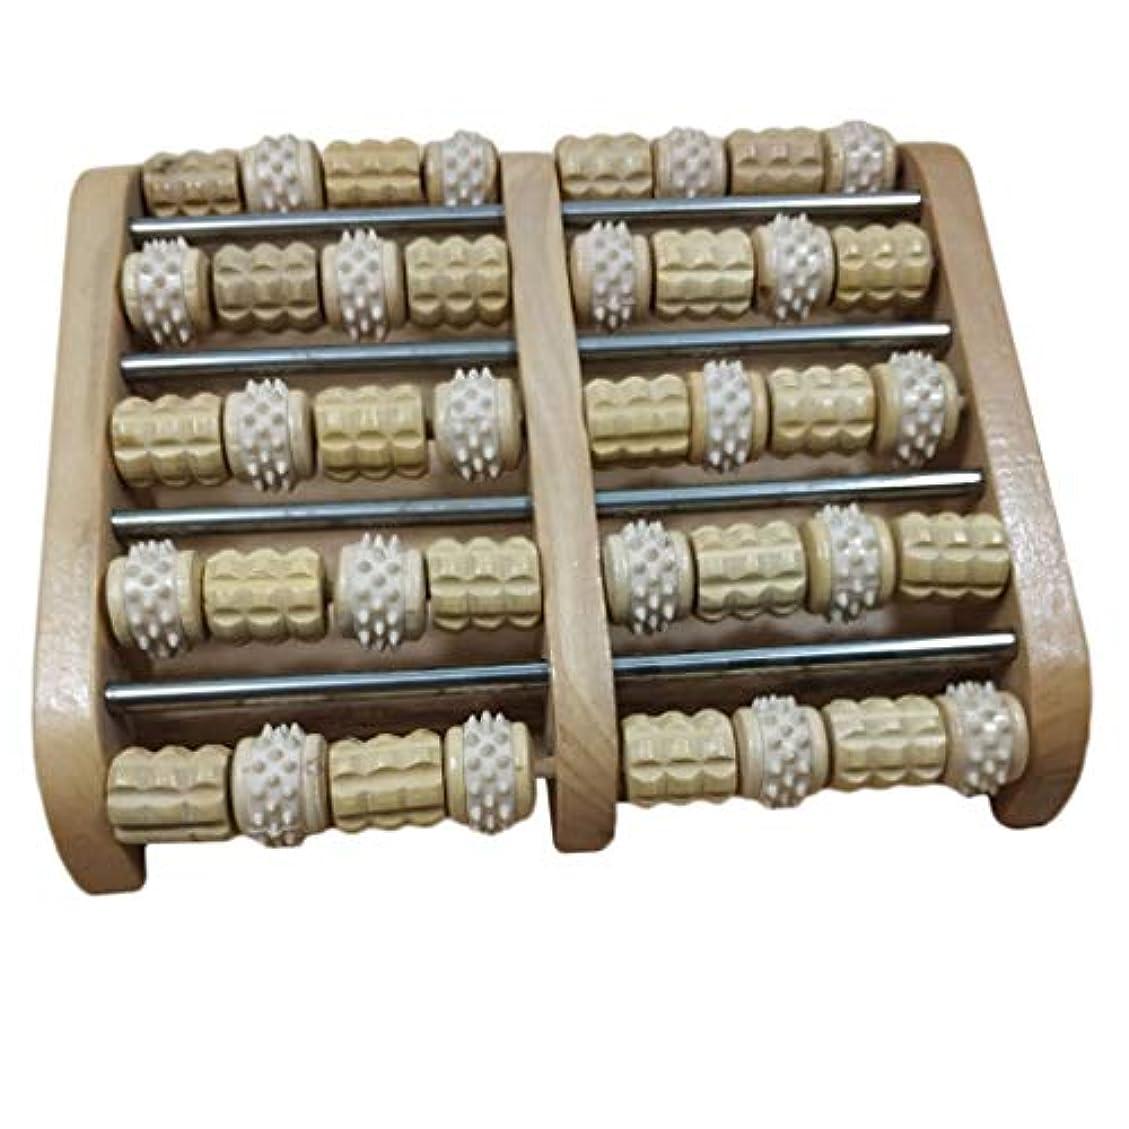 改修する重荷結婚したデュアルフットマッサージローラー 家庭用 サロン用 フットマッサージ 木製 高品質